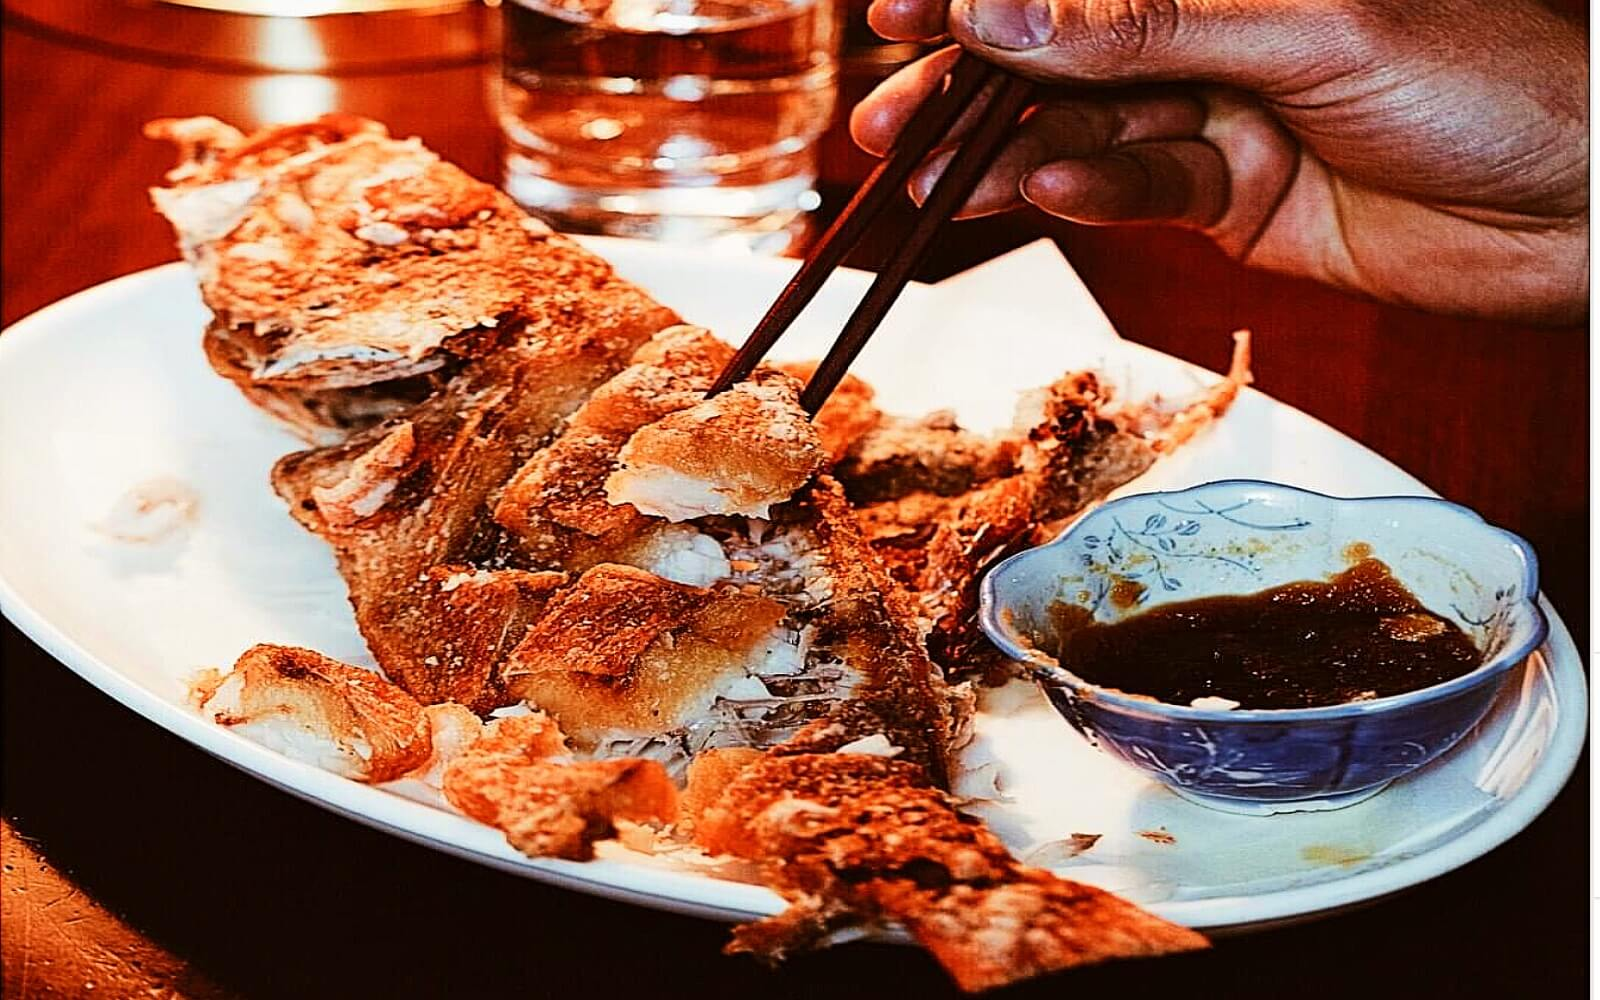 Tempura battered whole fish at Kissa Tanto